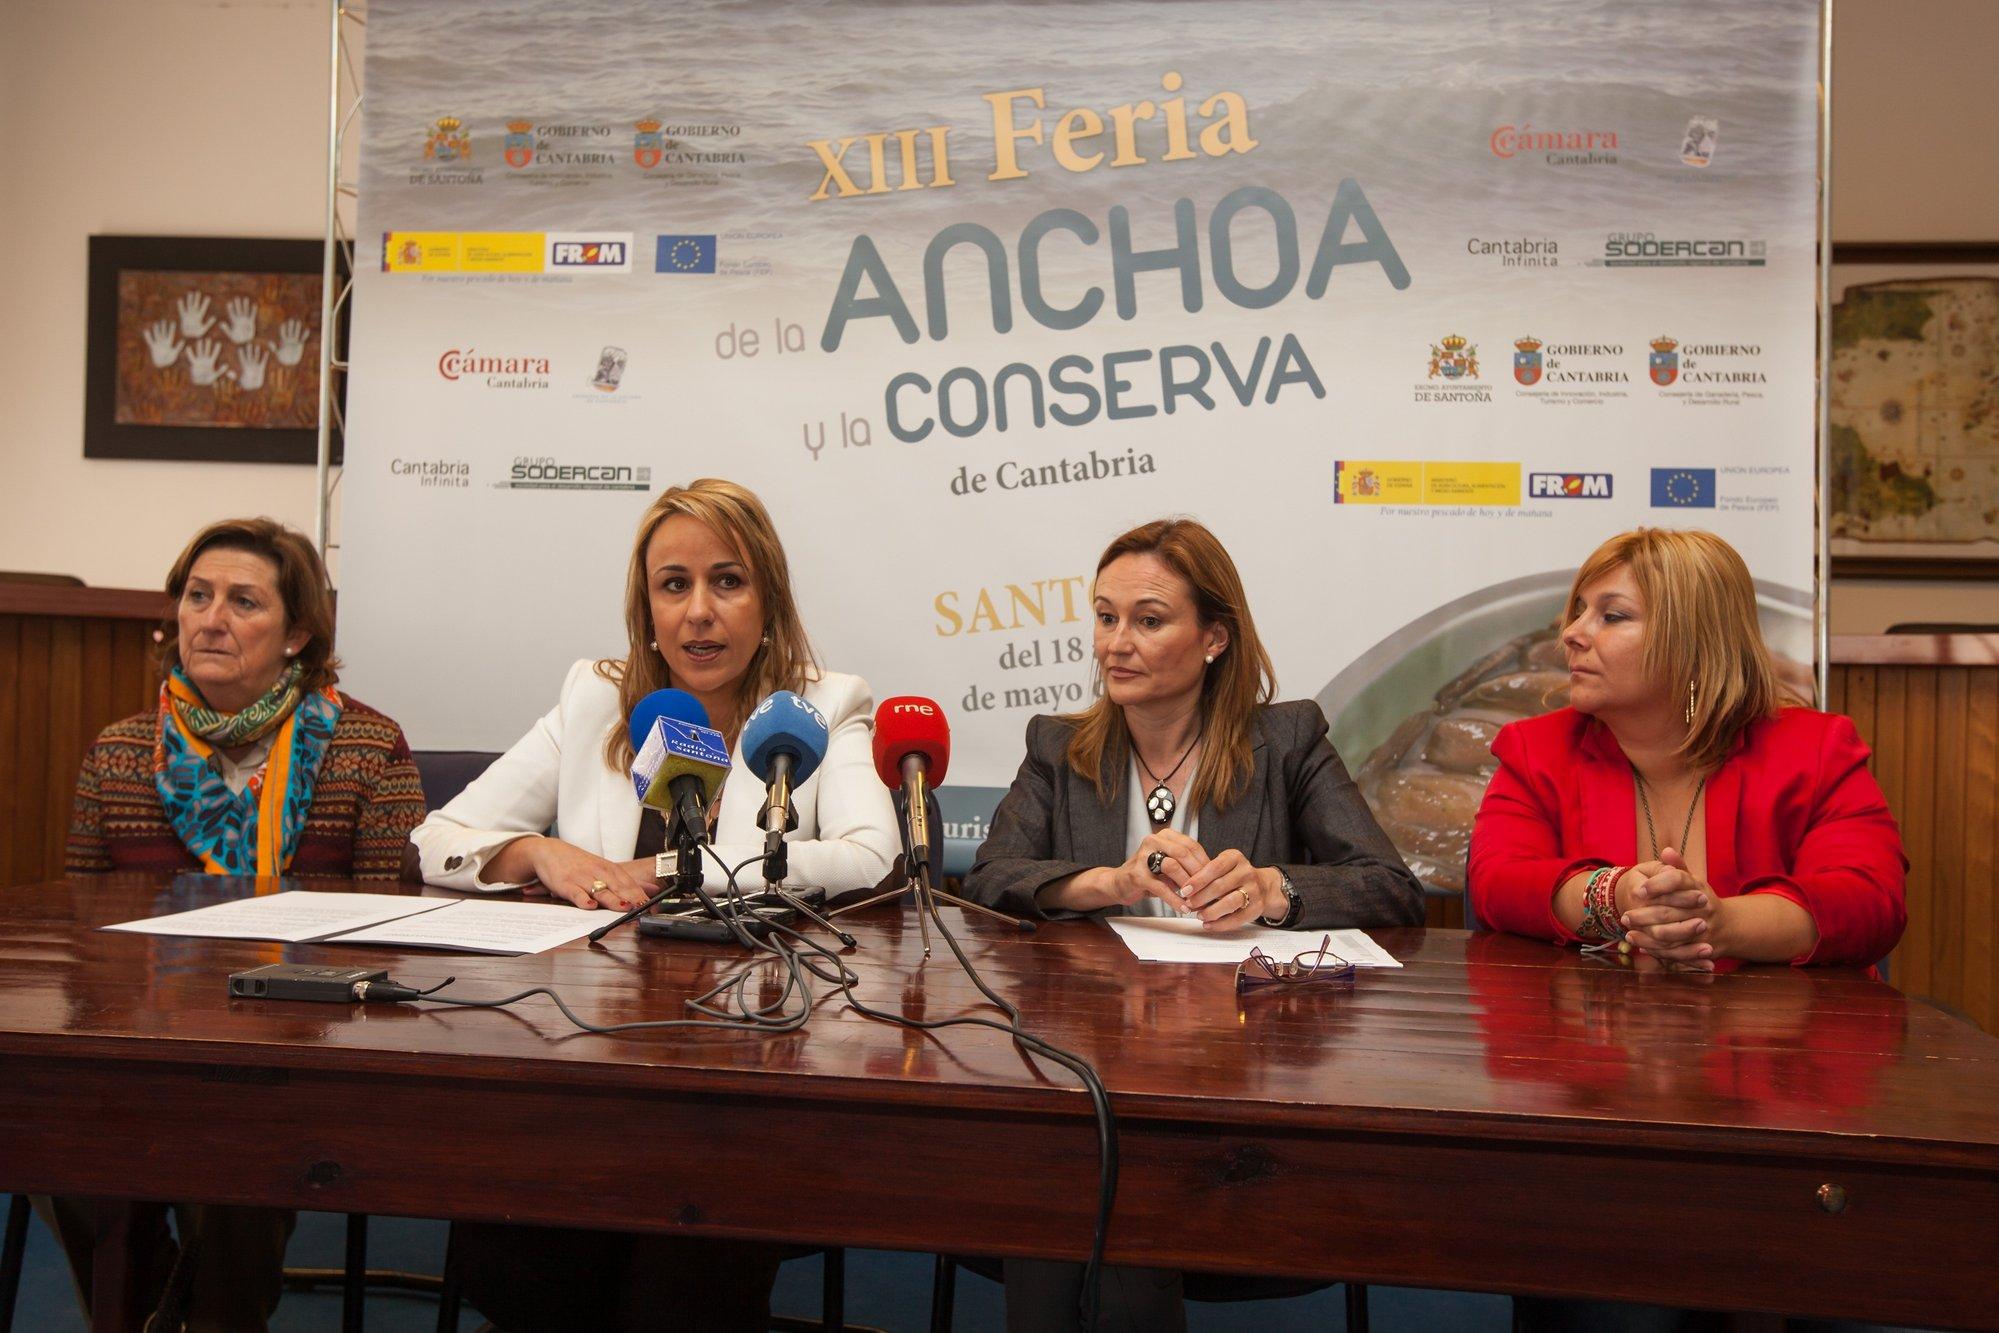 Santoña acoge este fin de semana la XIII Feria de la Anchoa, a la que asistirán 14 conserveras